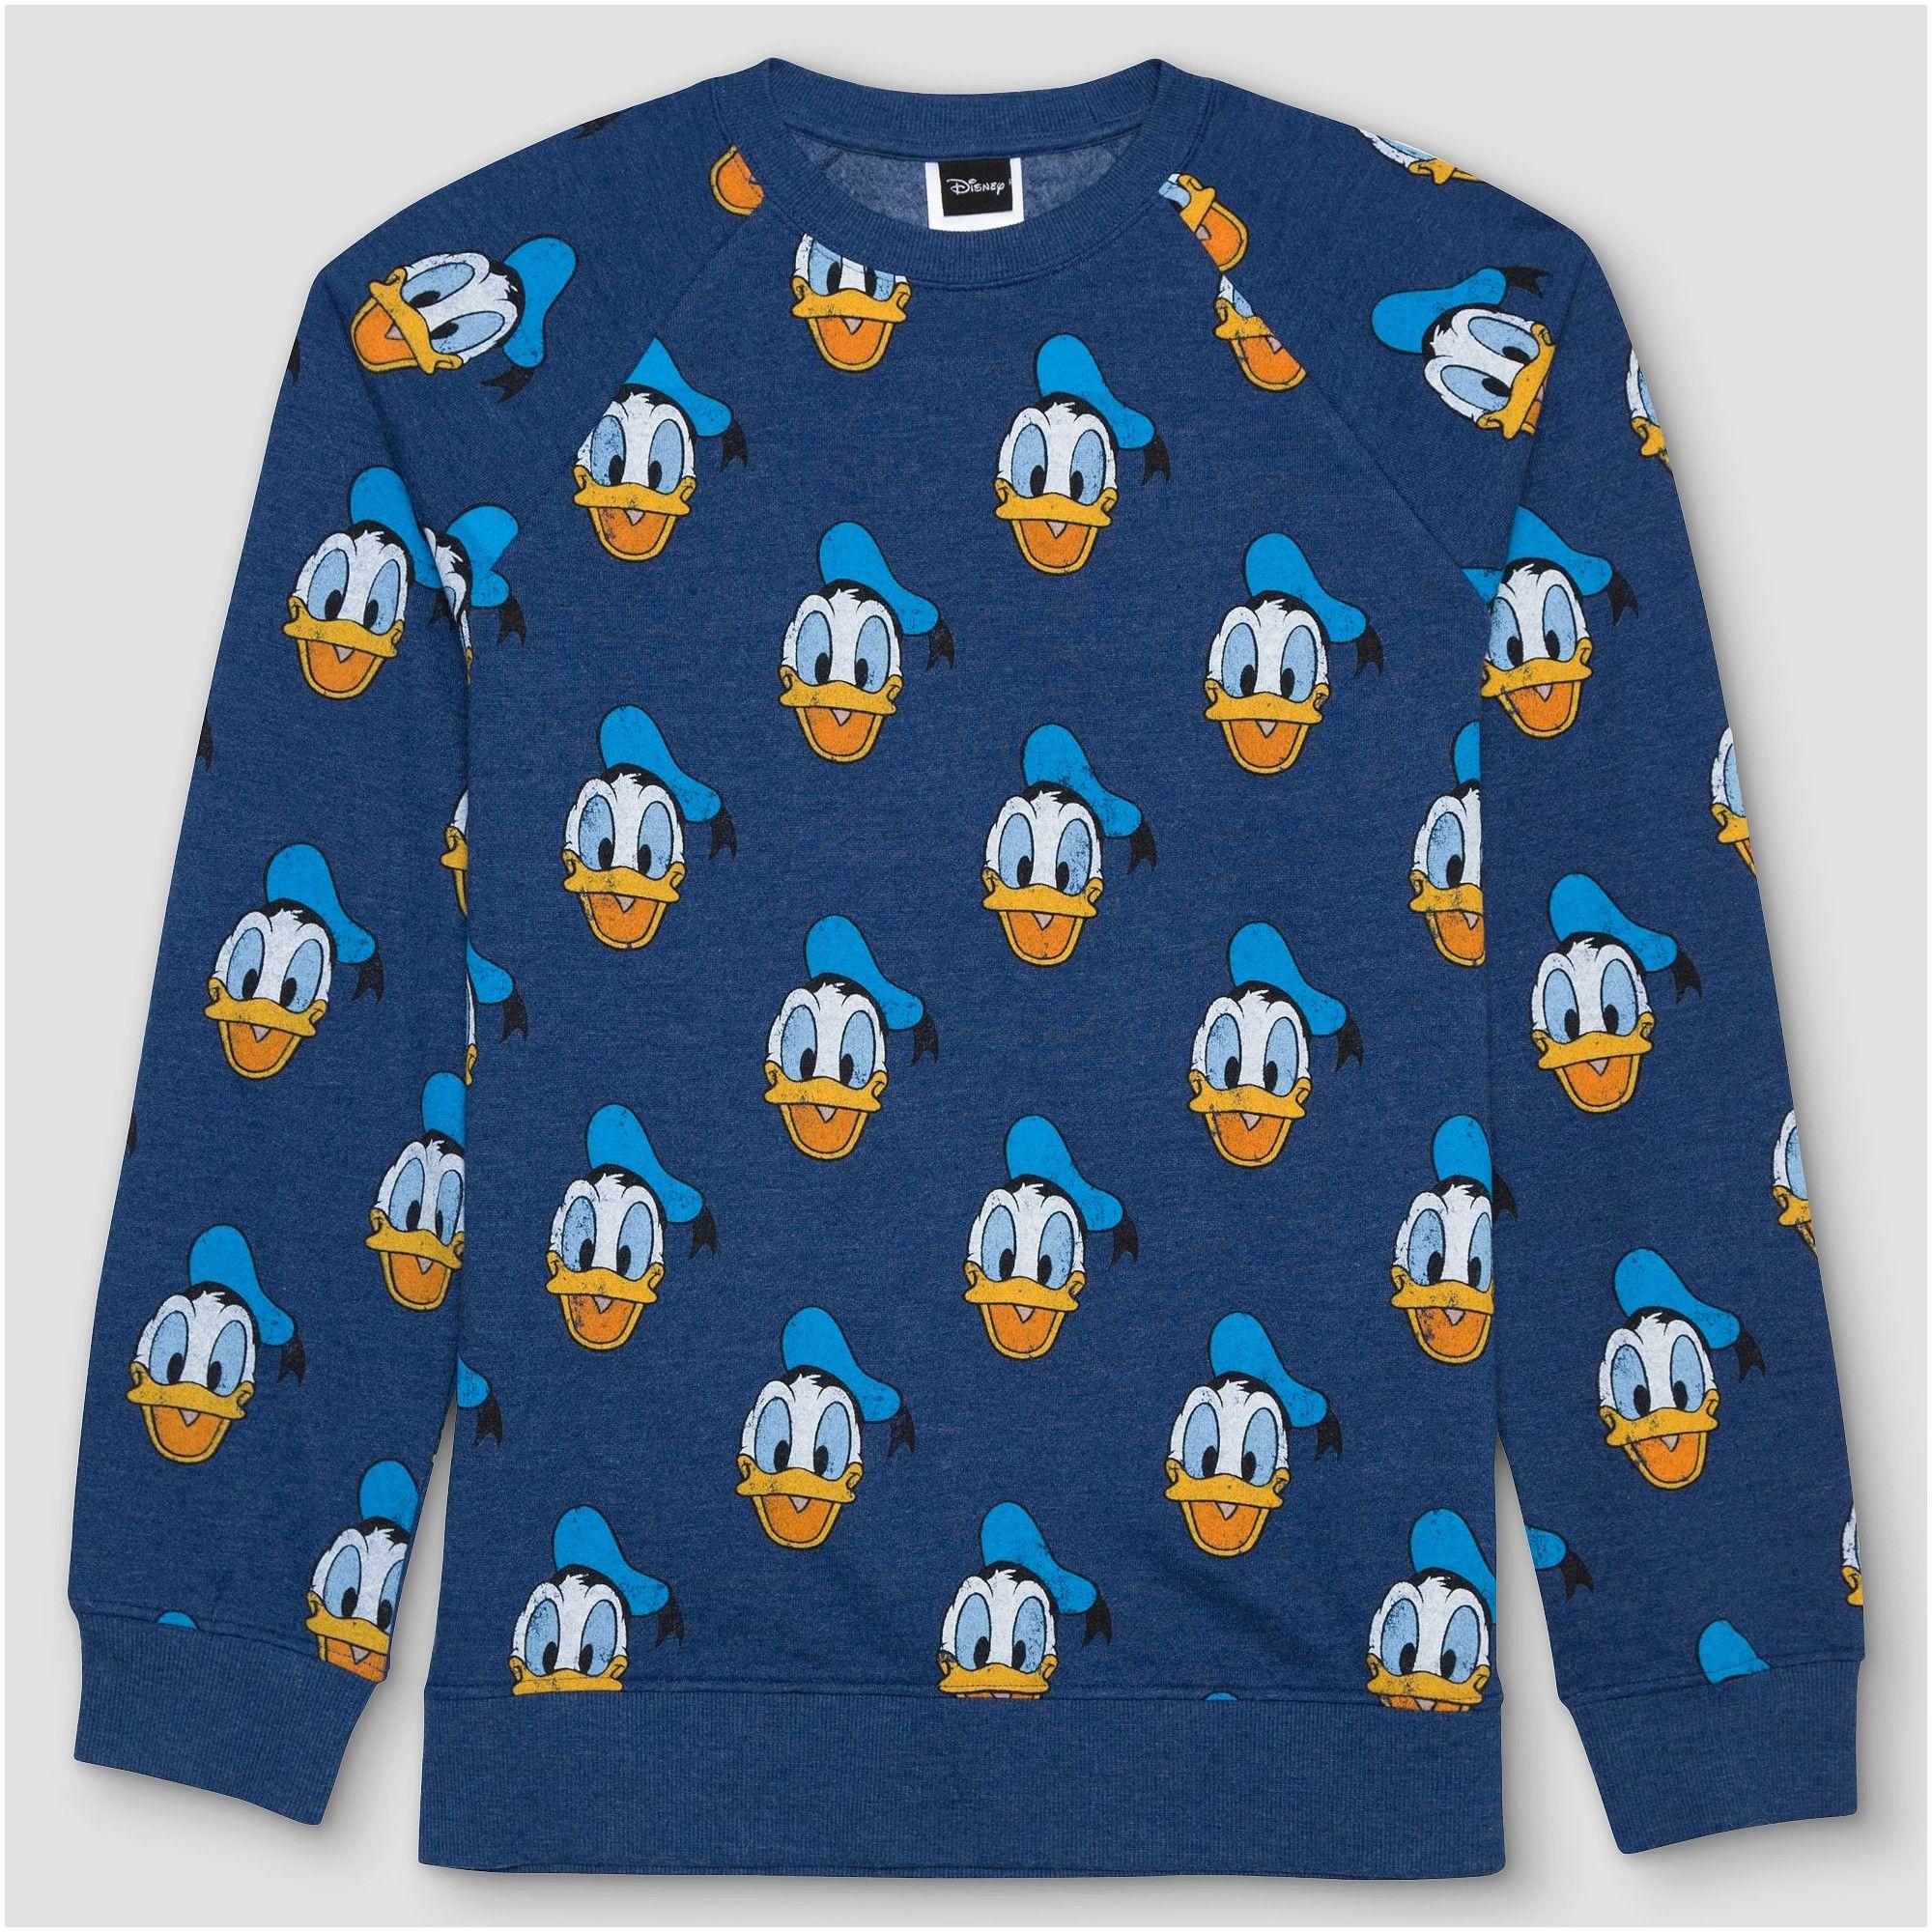 Men s Disney Donald Duck Print Crew Neck Sweatshirt - Navy Xxl eb9193d72